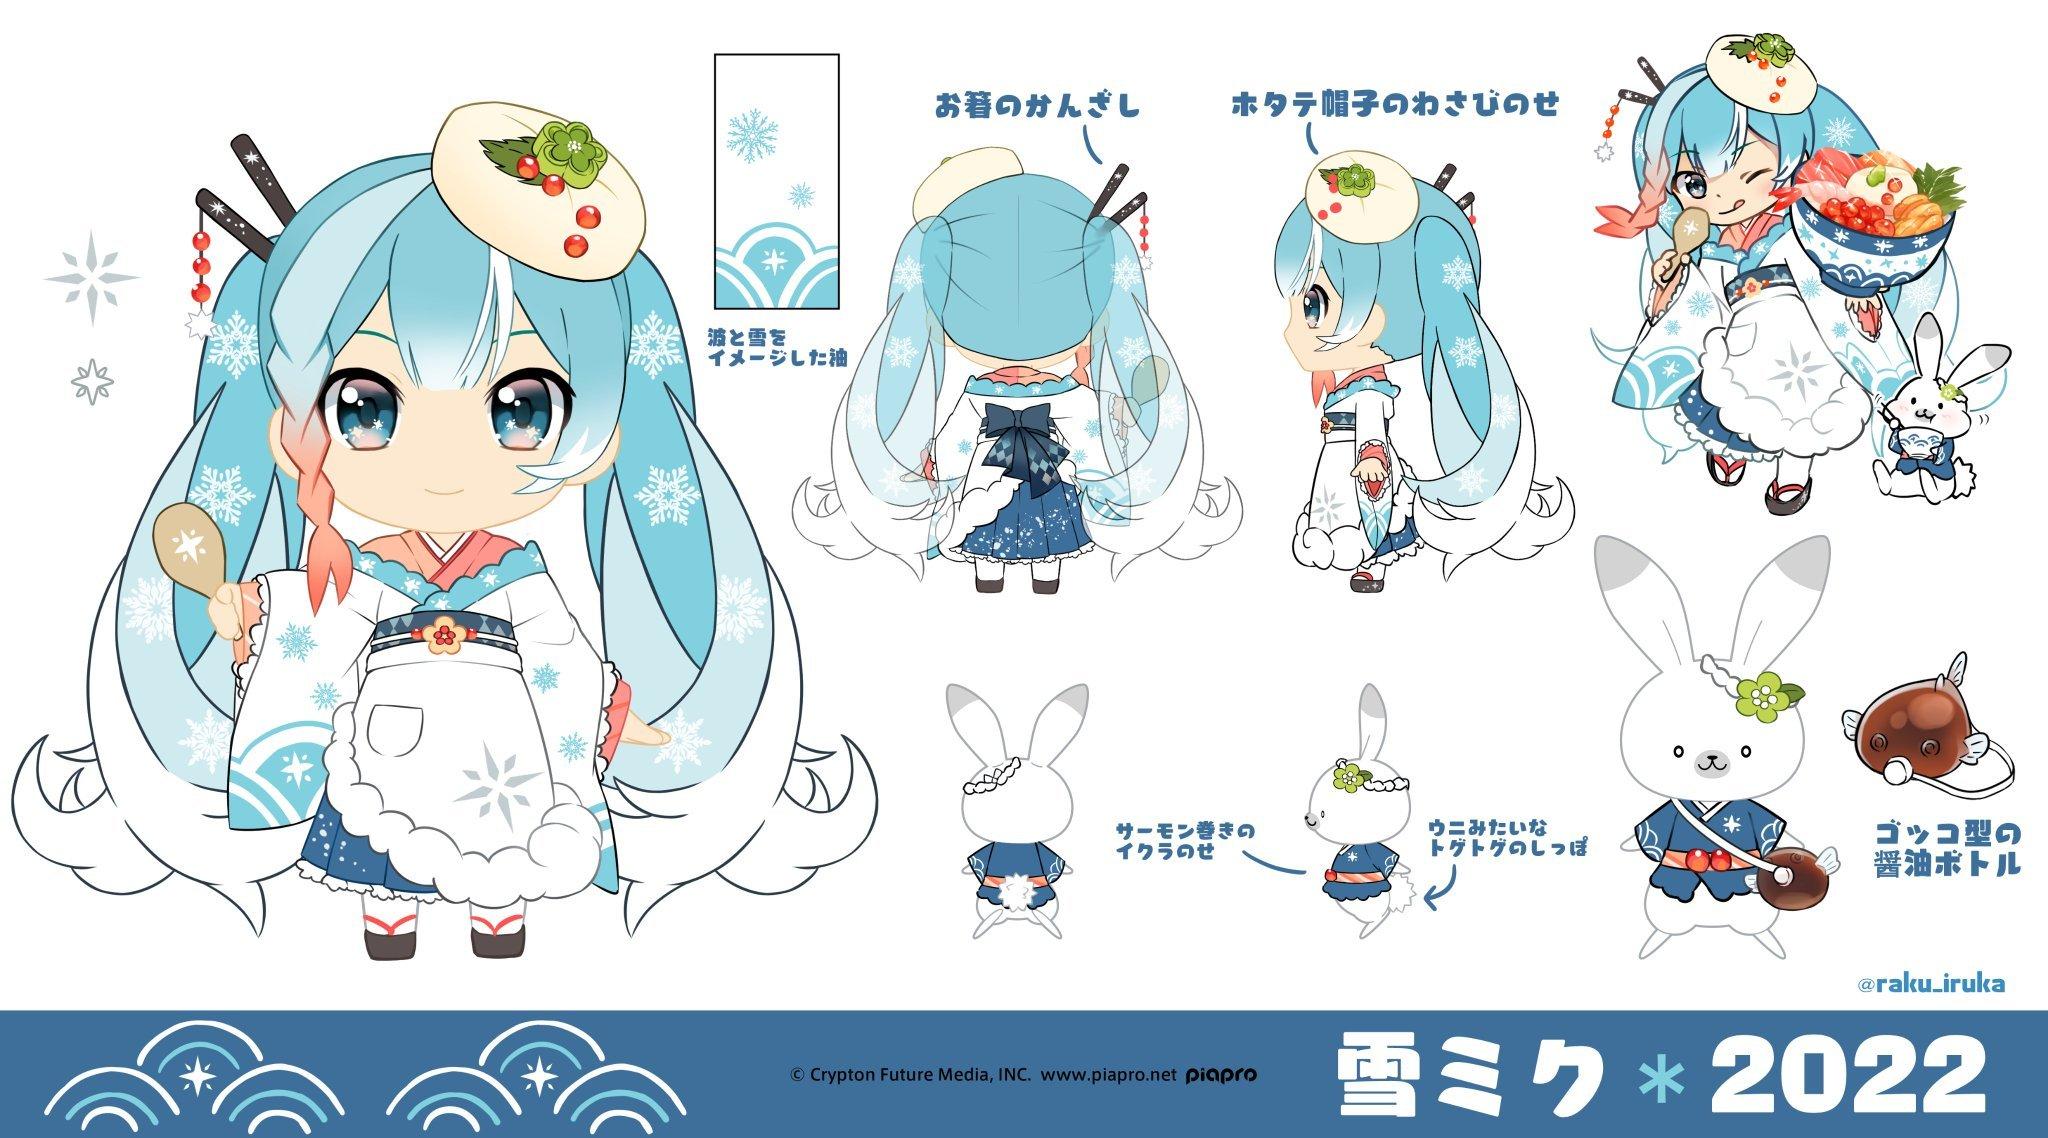 又萌又酷!2022年「雪初音&兔子服装」最终采用方案揭晓- ACG17.COM